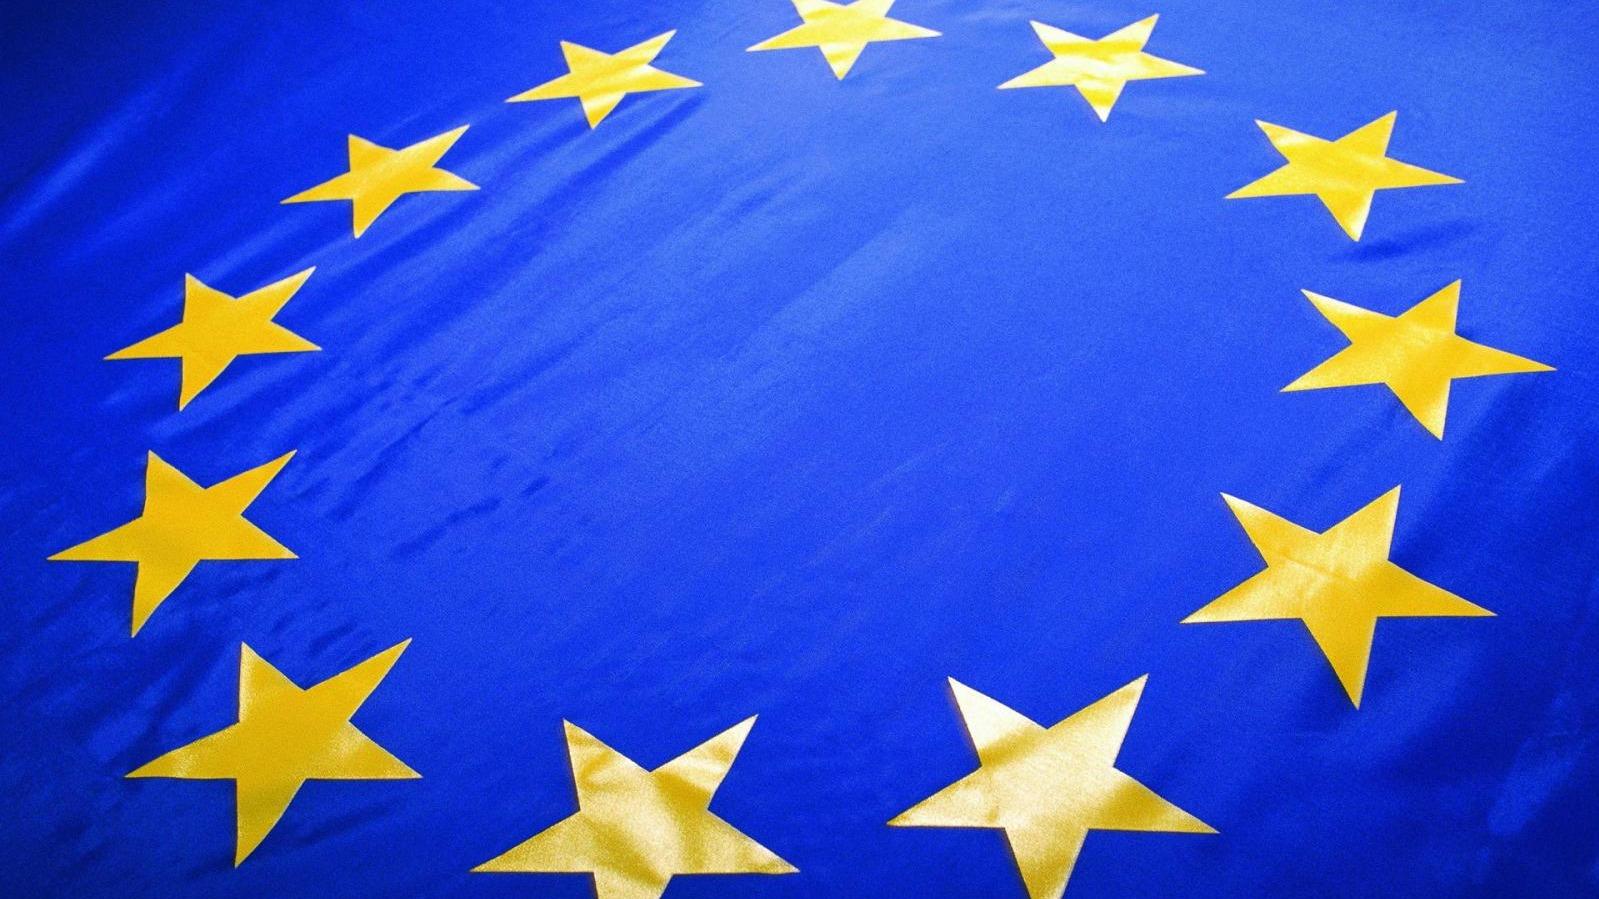 欧盟修订了更变态的版权法规 新闻平台引用标题和摘要也要付费 表情包也不能乱用